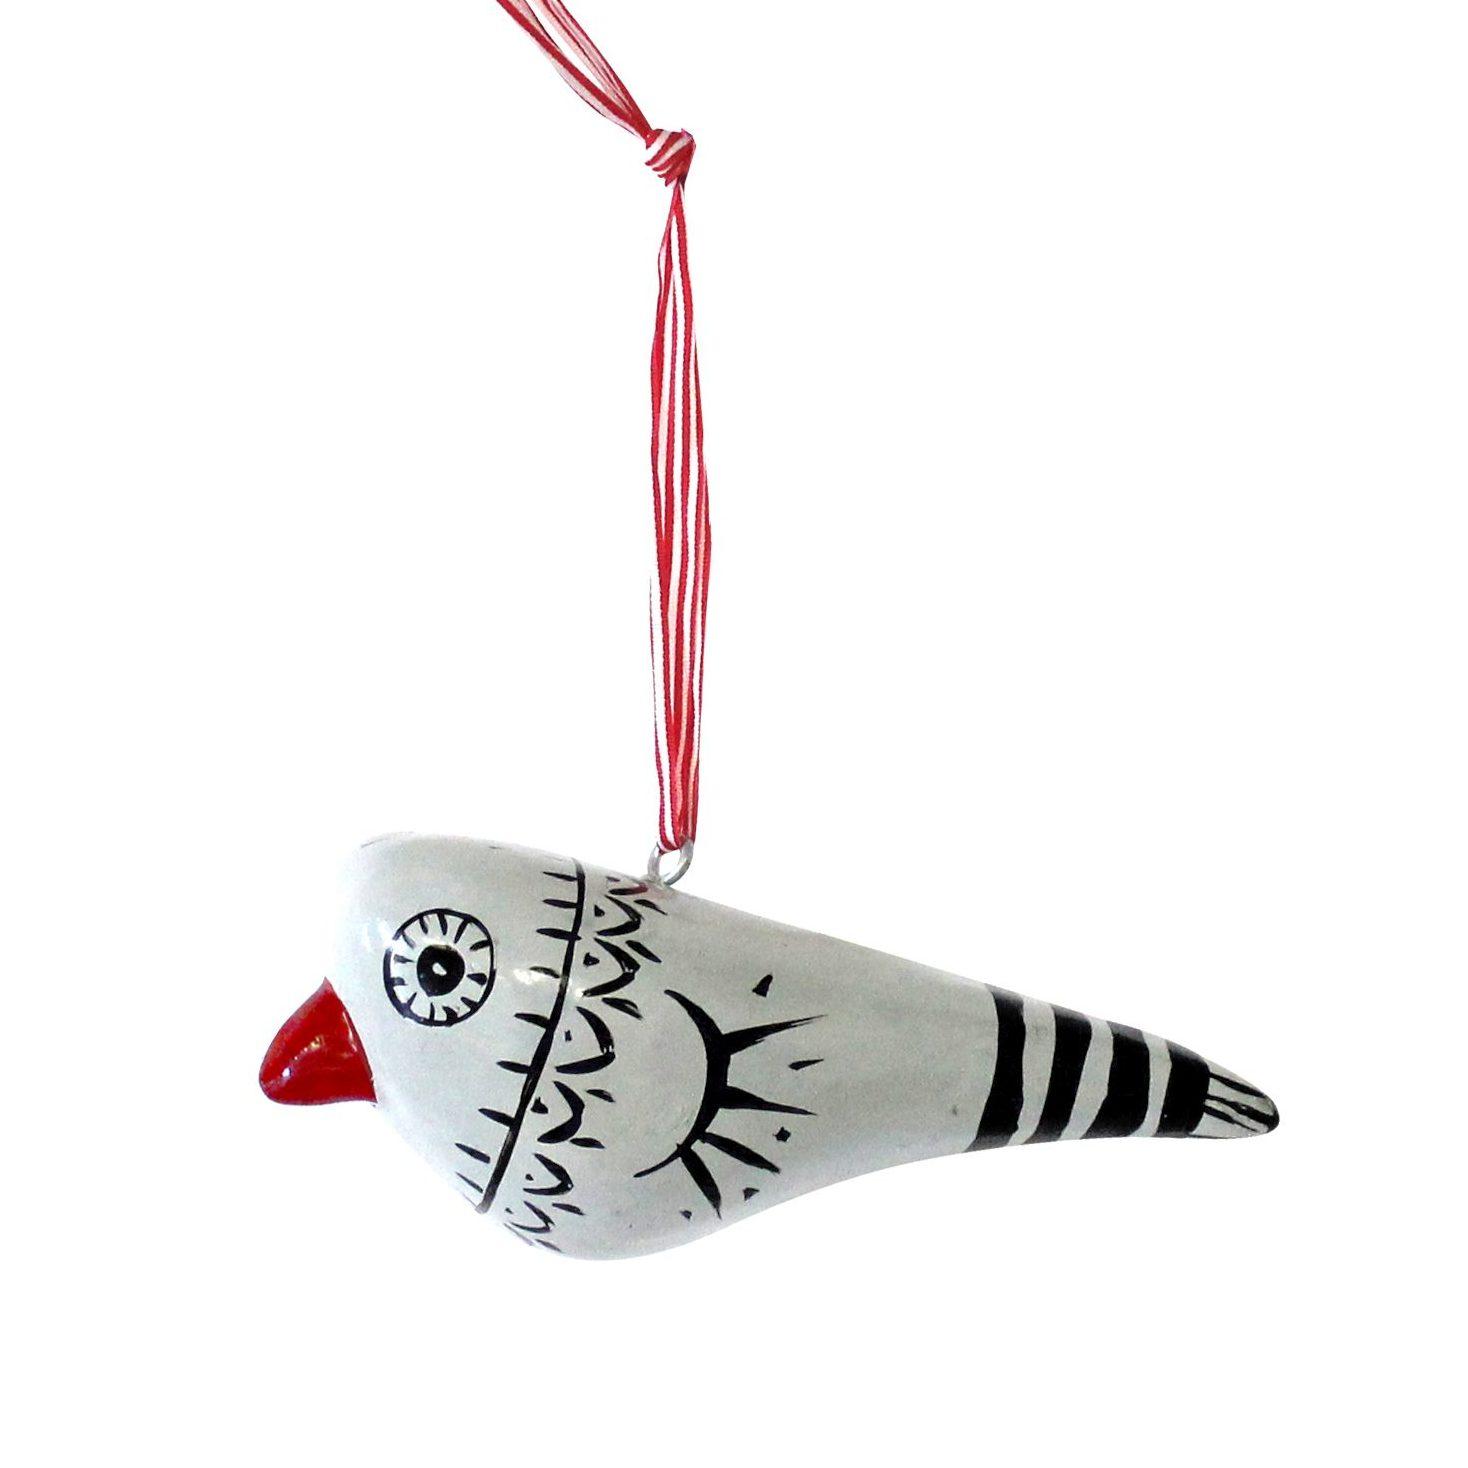 Dekoracja w kształcie ptaszka, wykonana ręcznie w technice papier-mâché. Cena 12 £/szt. www.theshopfloorproject.com